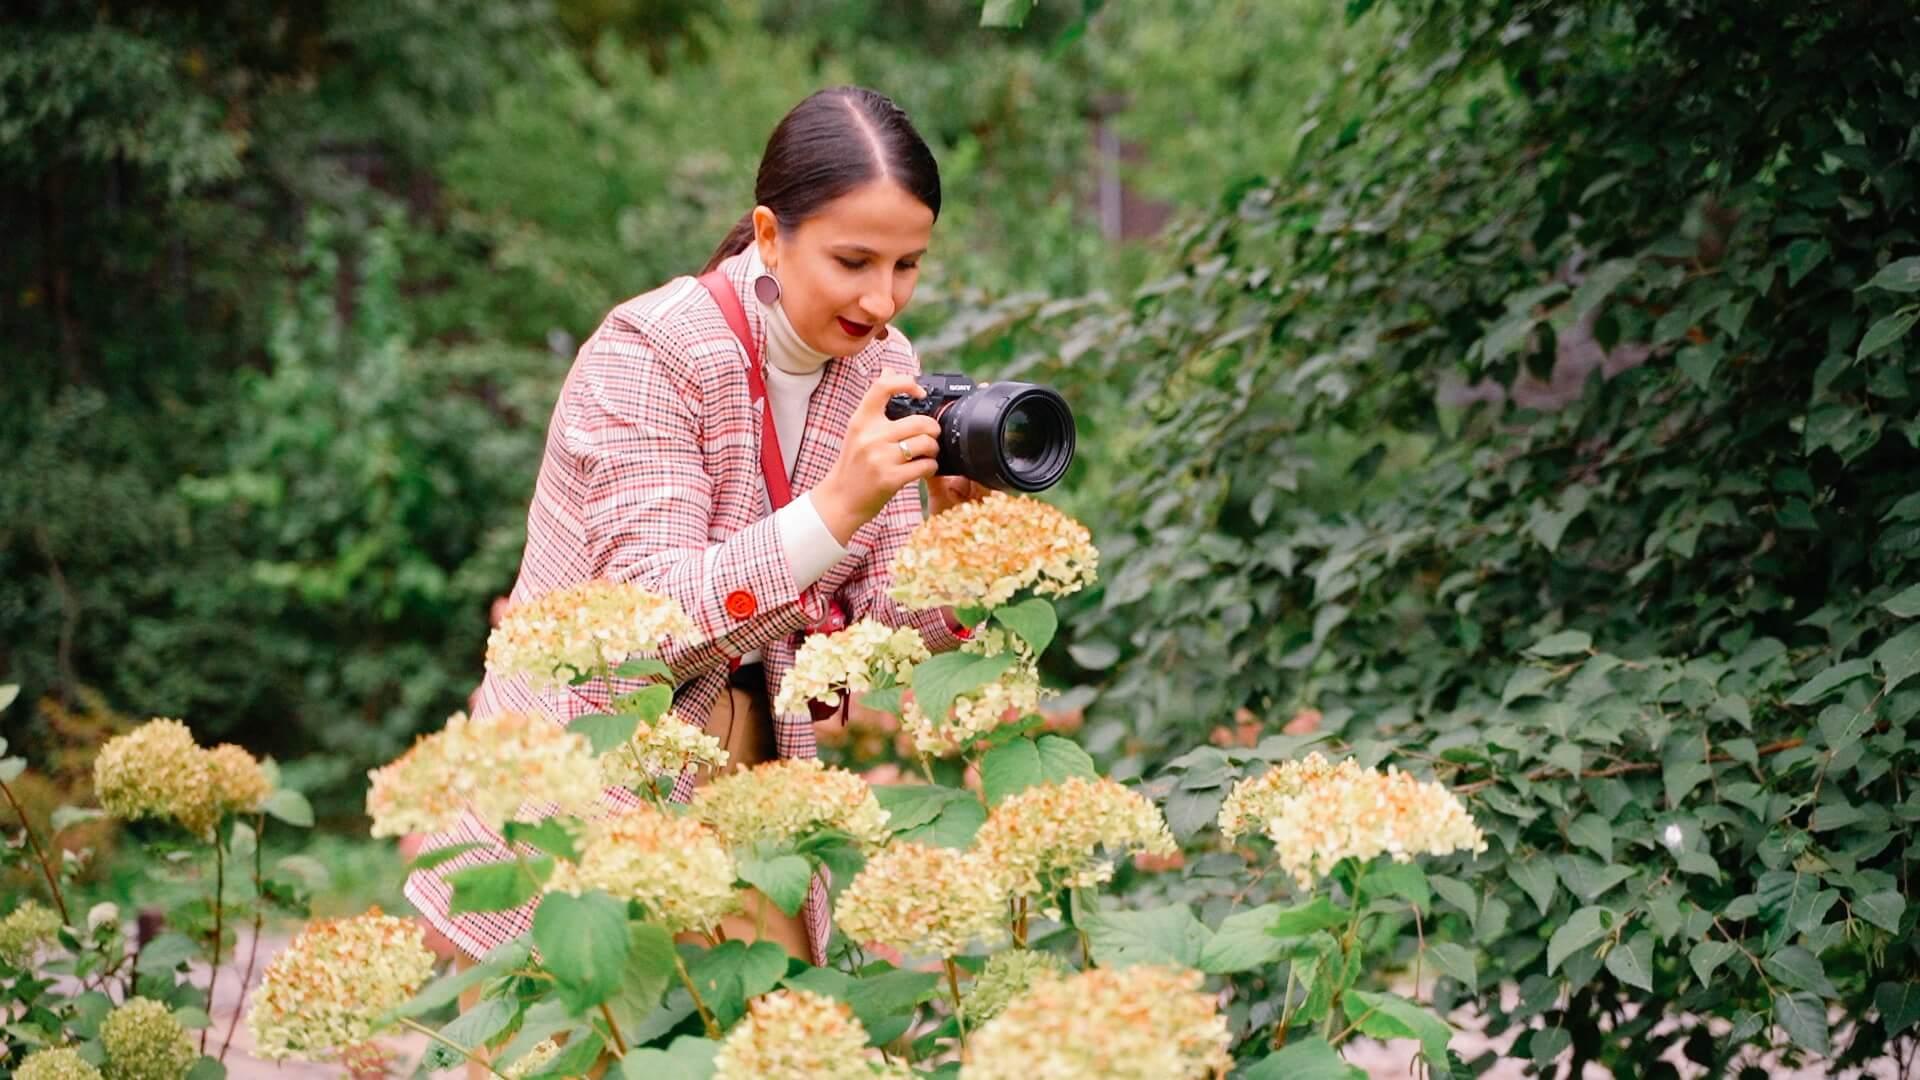 работа фотографом поиск клиентов уже давно установили